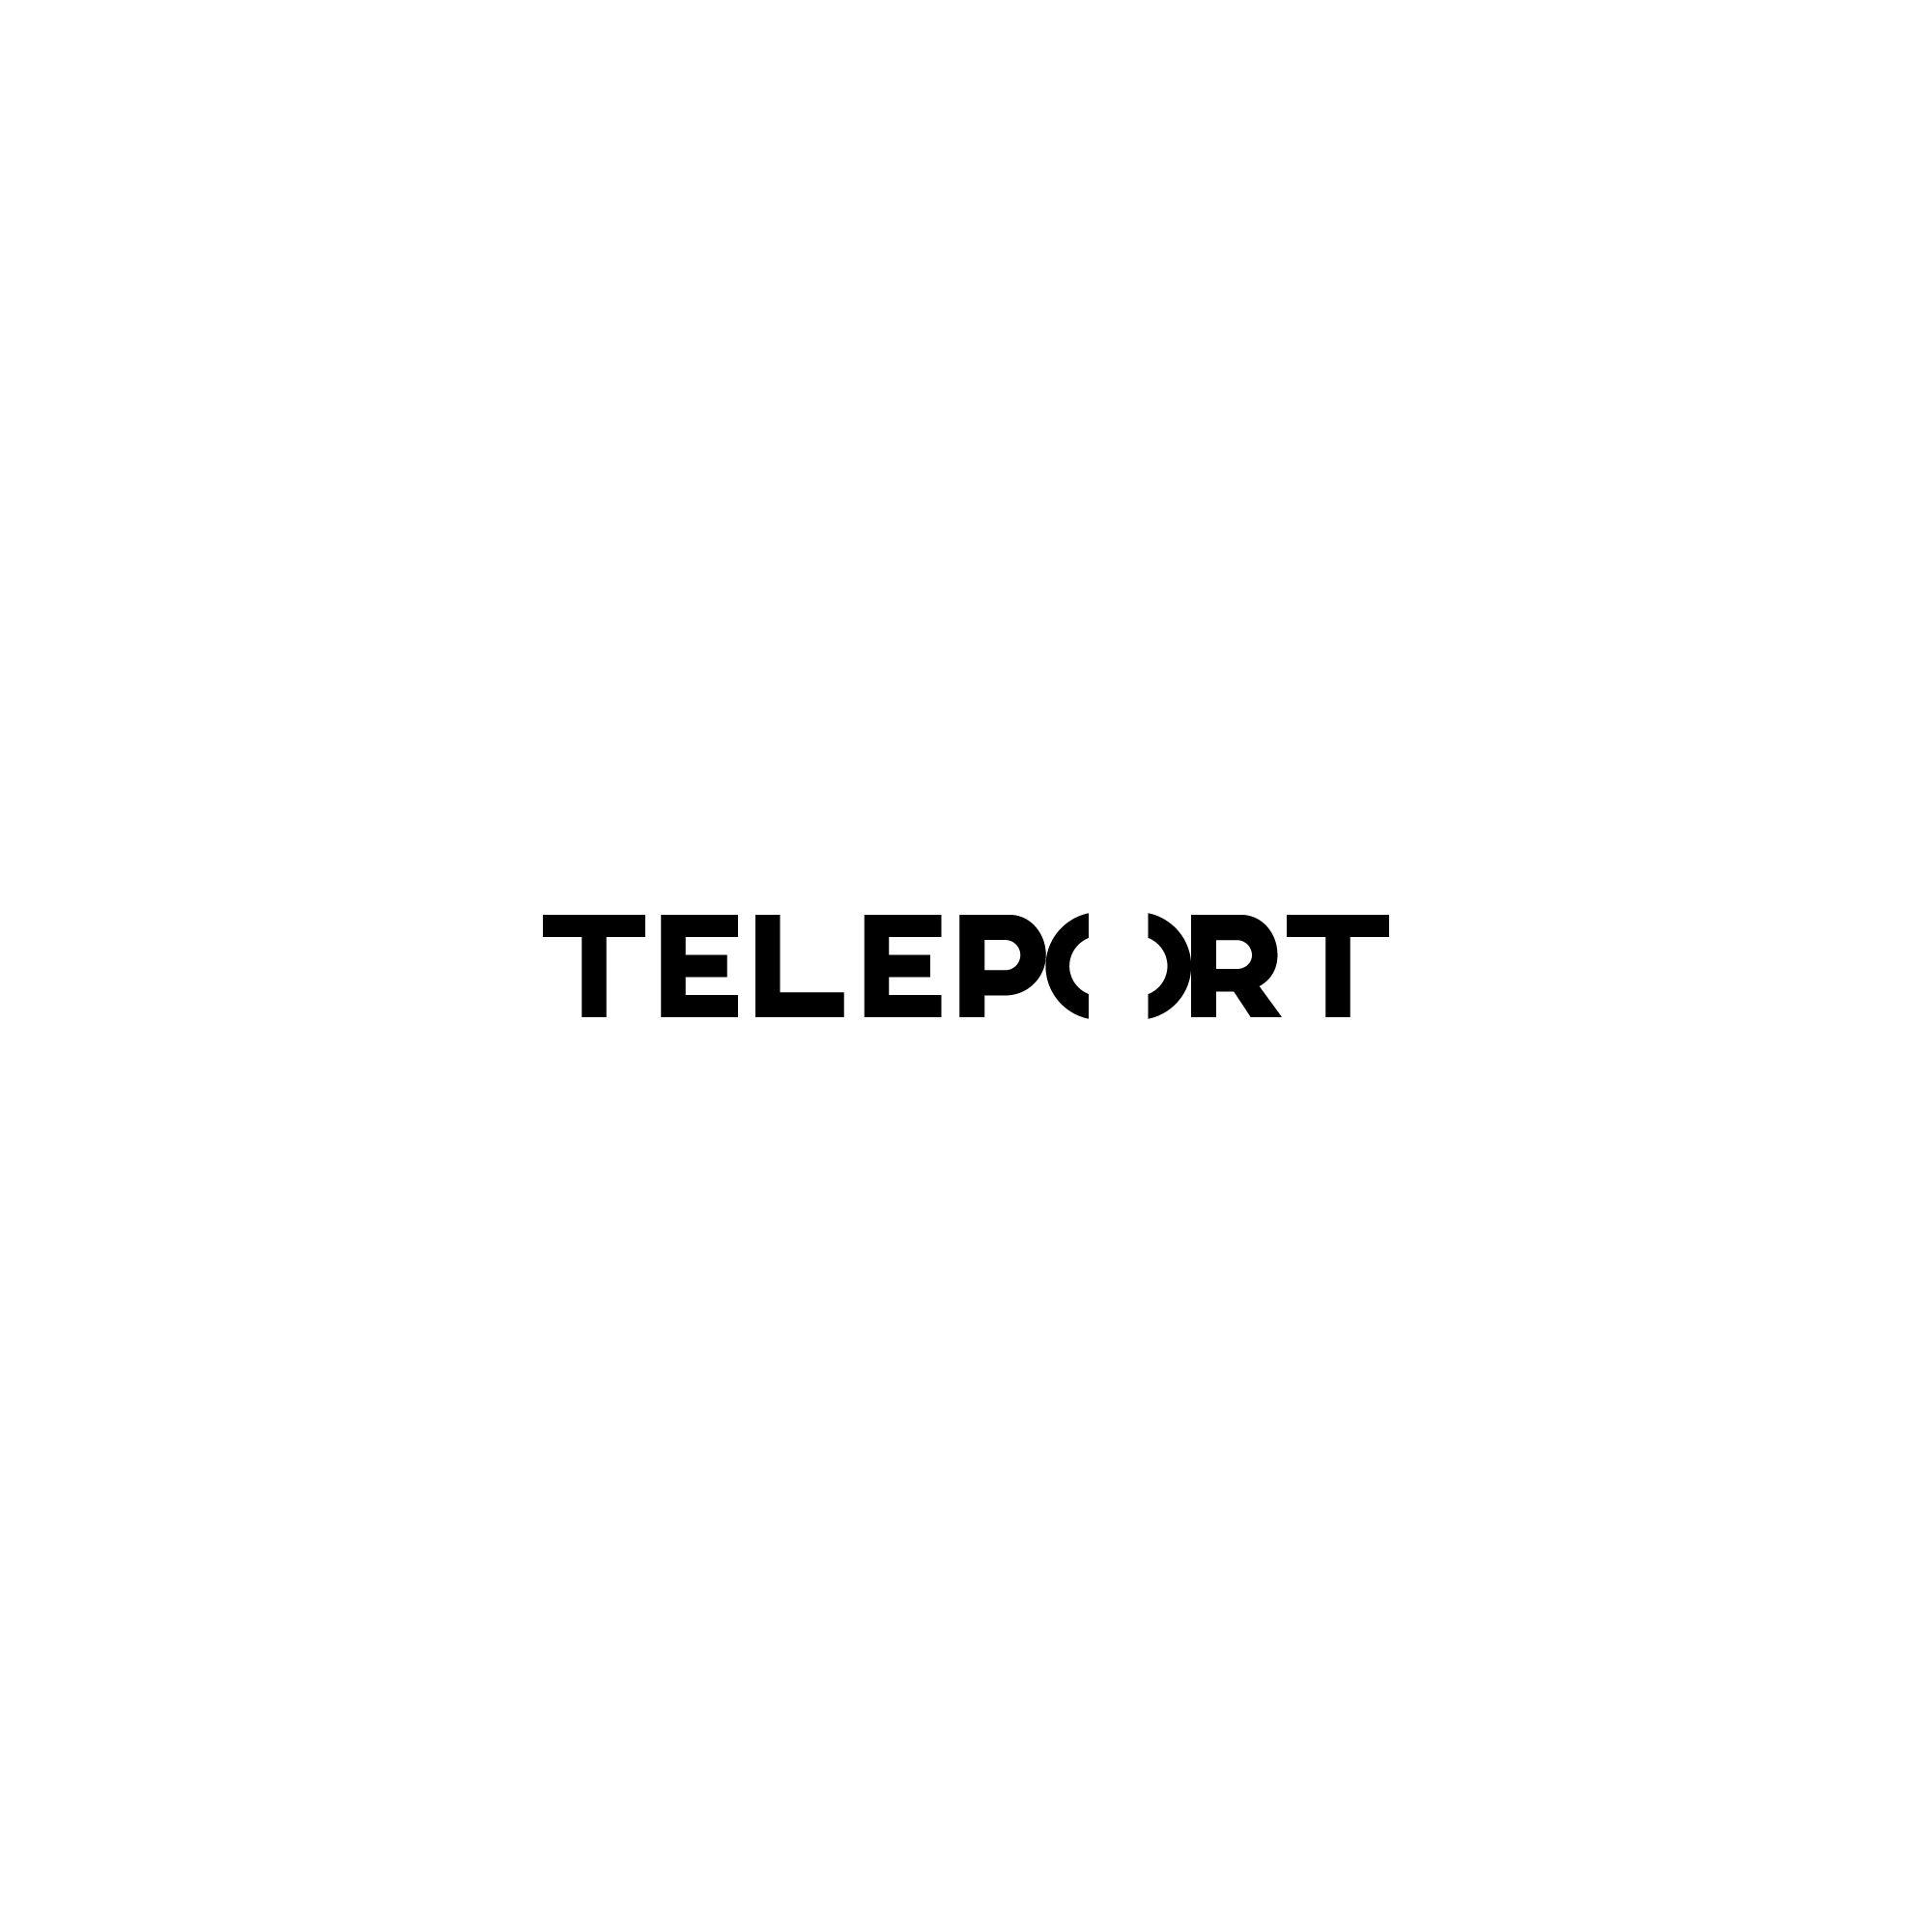 Логотип для Телепорт - дизайнер Gendarme